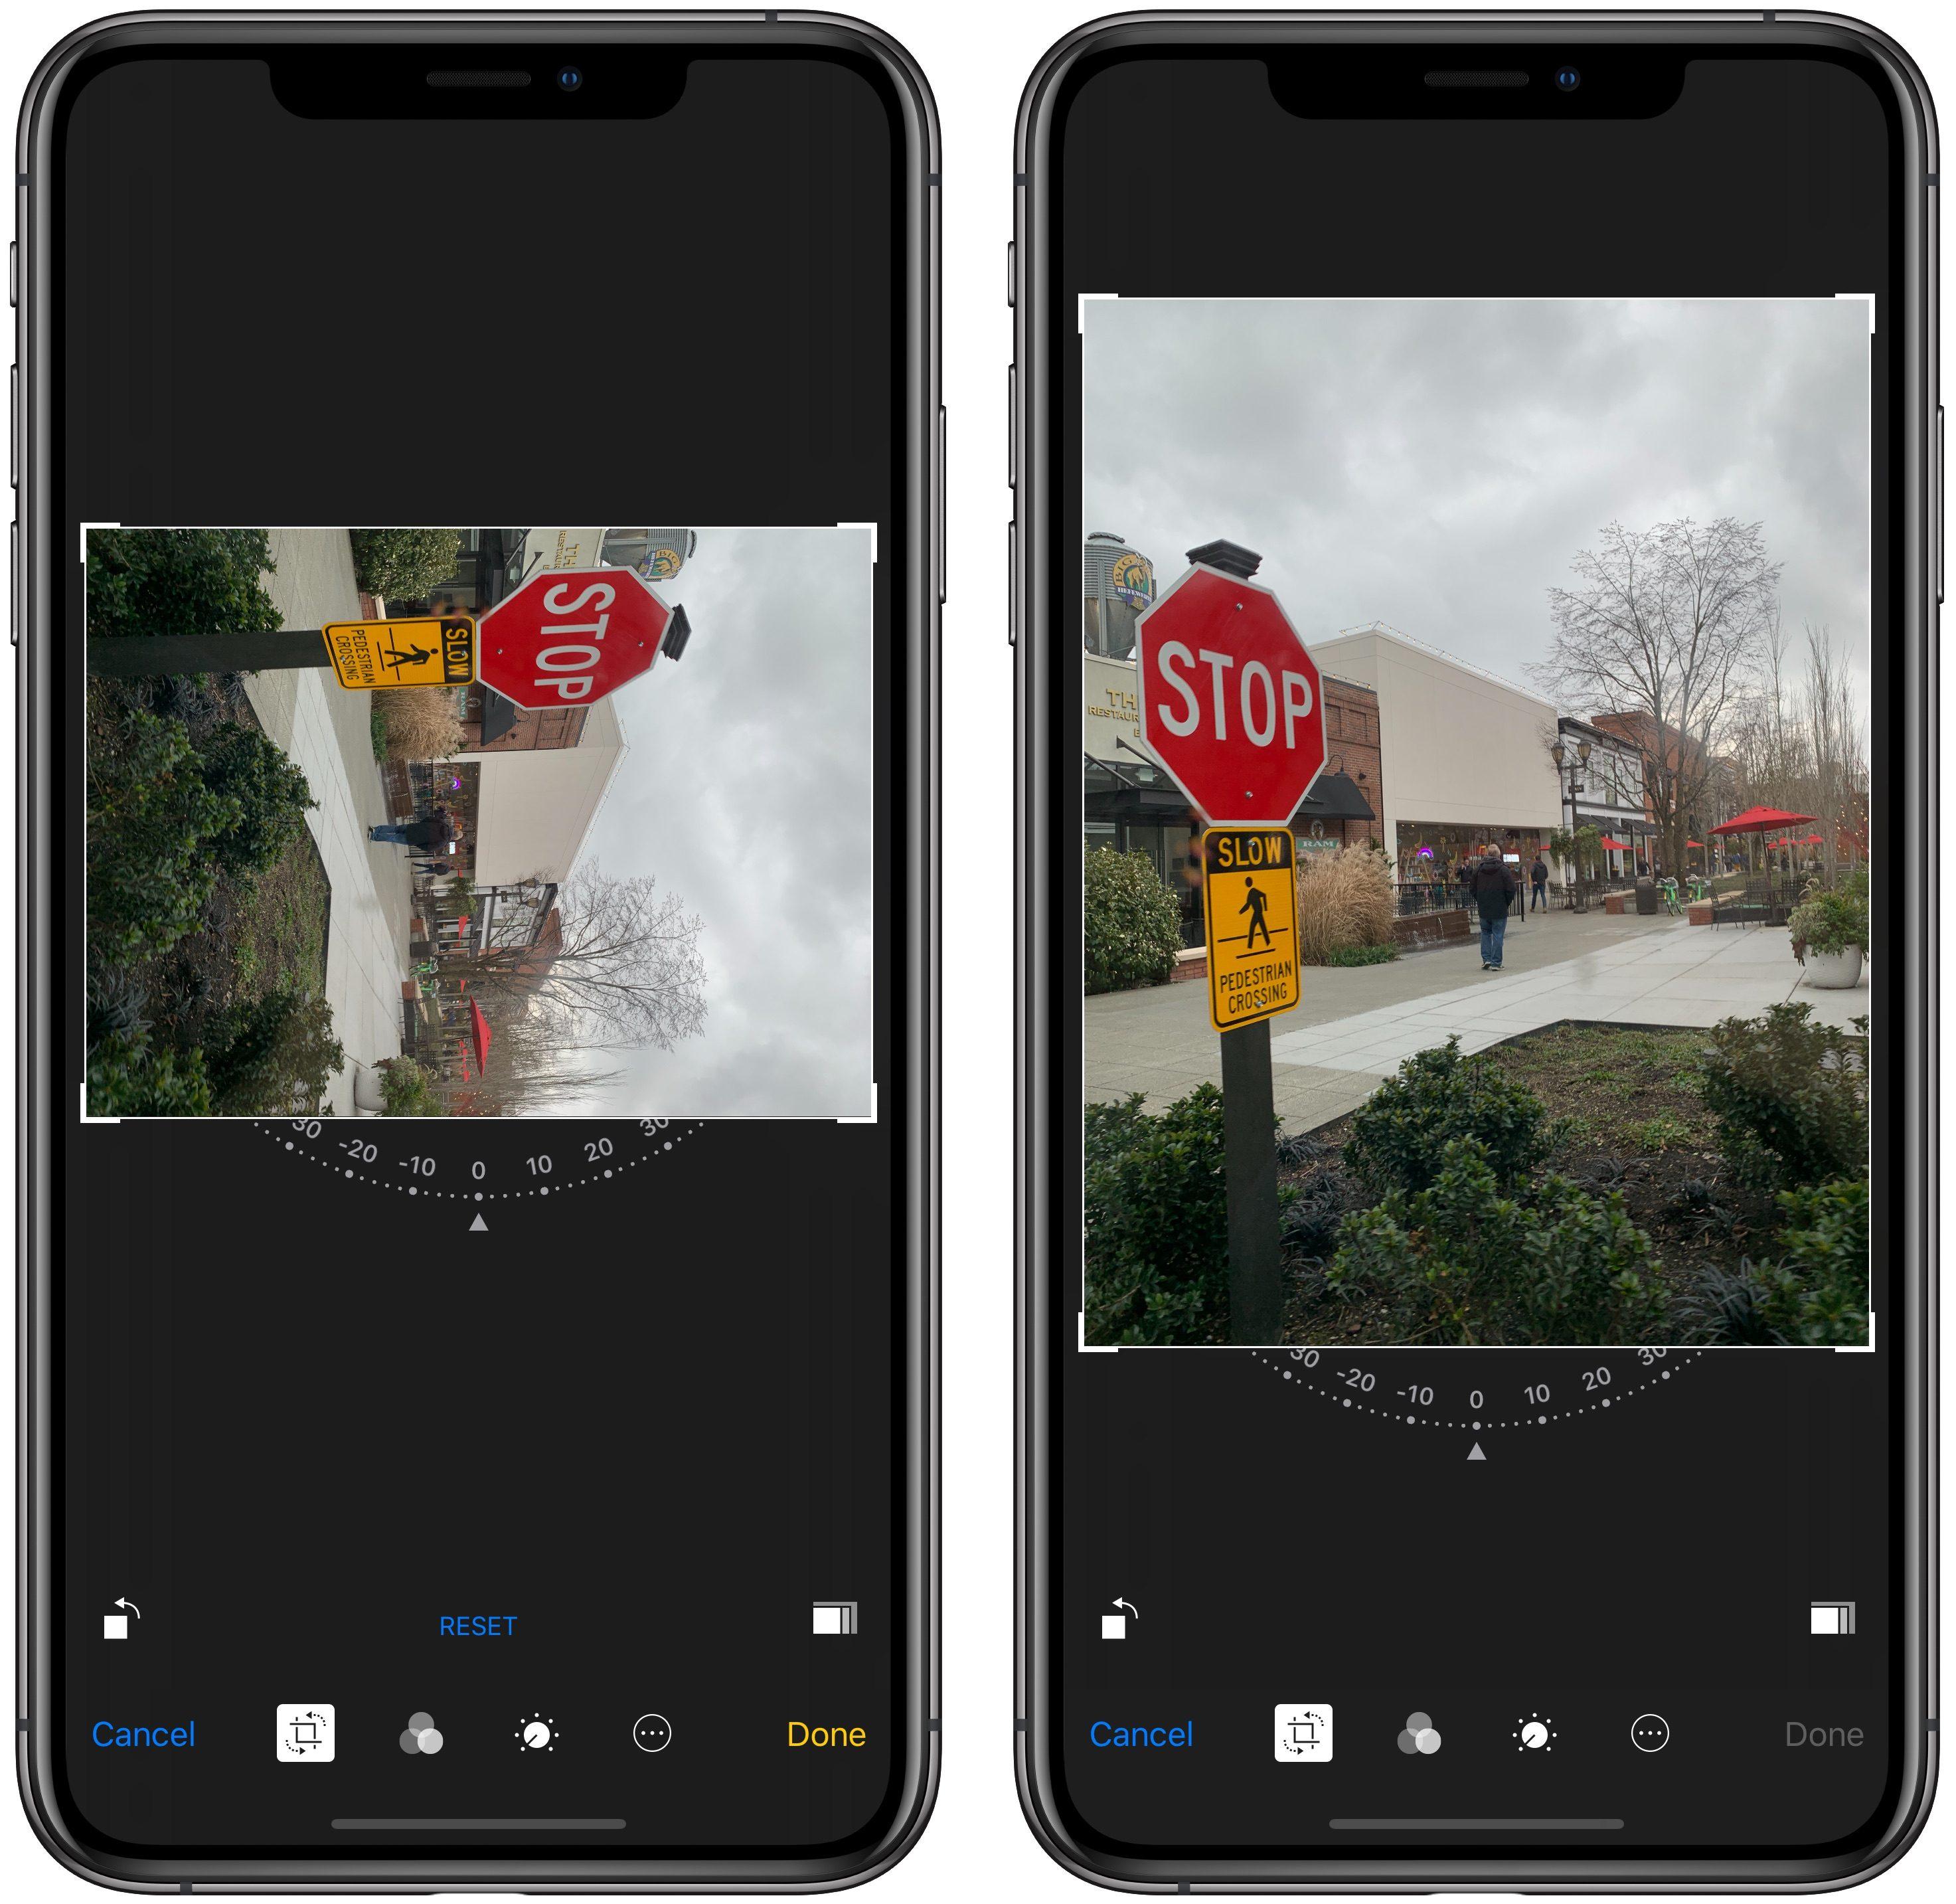 """<span href=""""https://9to5mac.com/2019/01/09/rotate-photo-photos-app-iphone-ipad/"""">Cómo girar una foto en la aplicación de Fotos en el iPhone y el iPad</a>"""